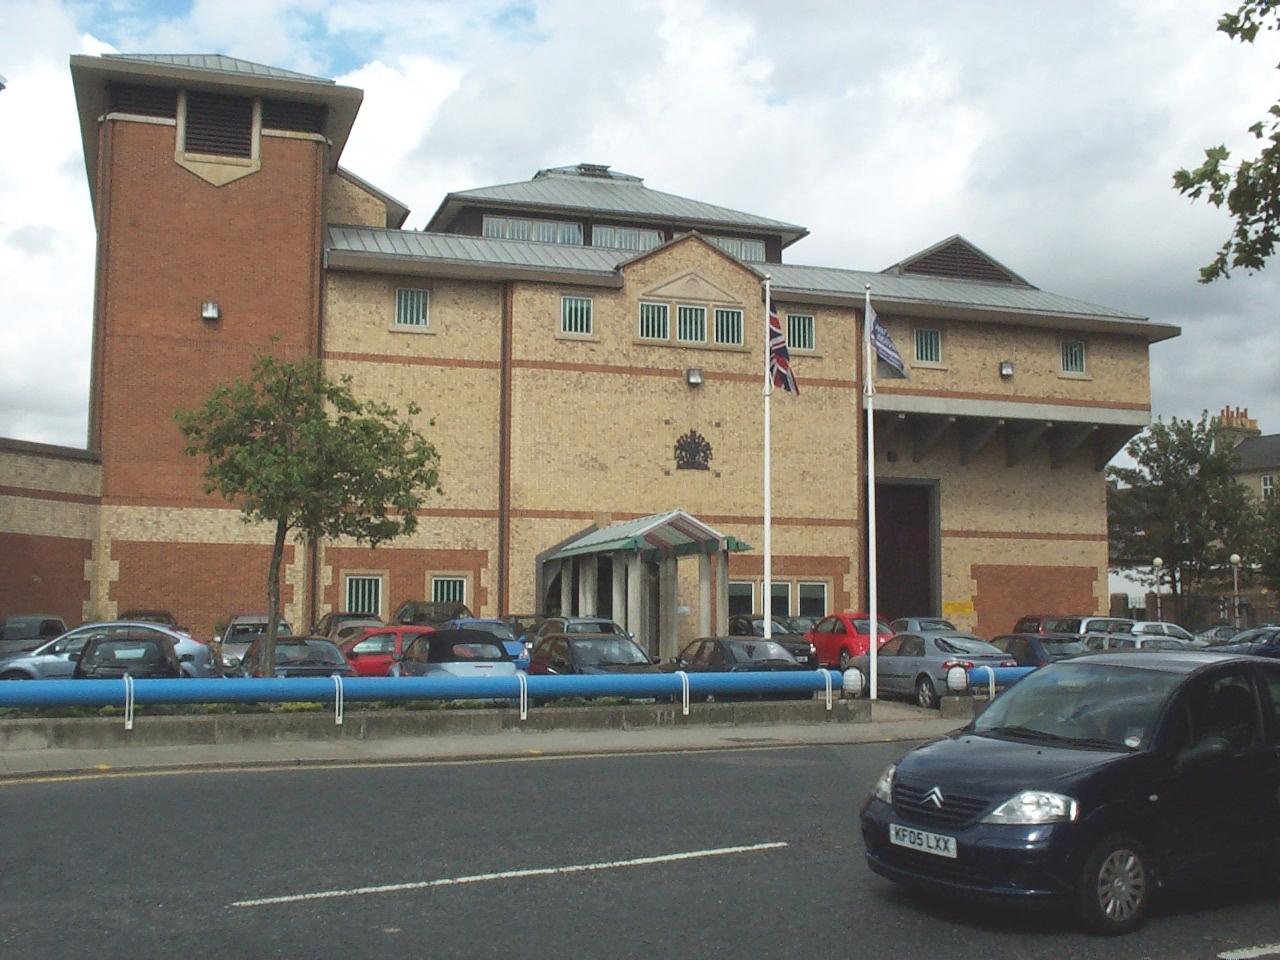 HM Prison Bedford - Wikipedia